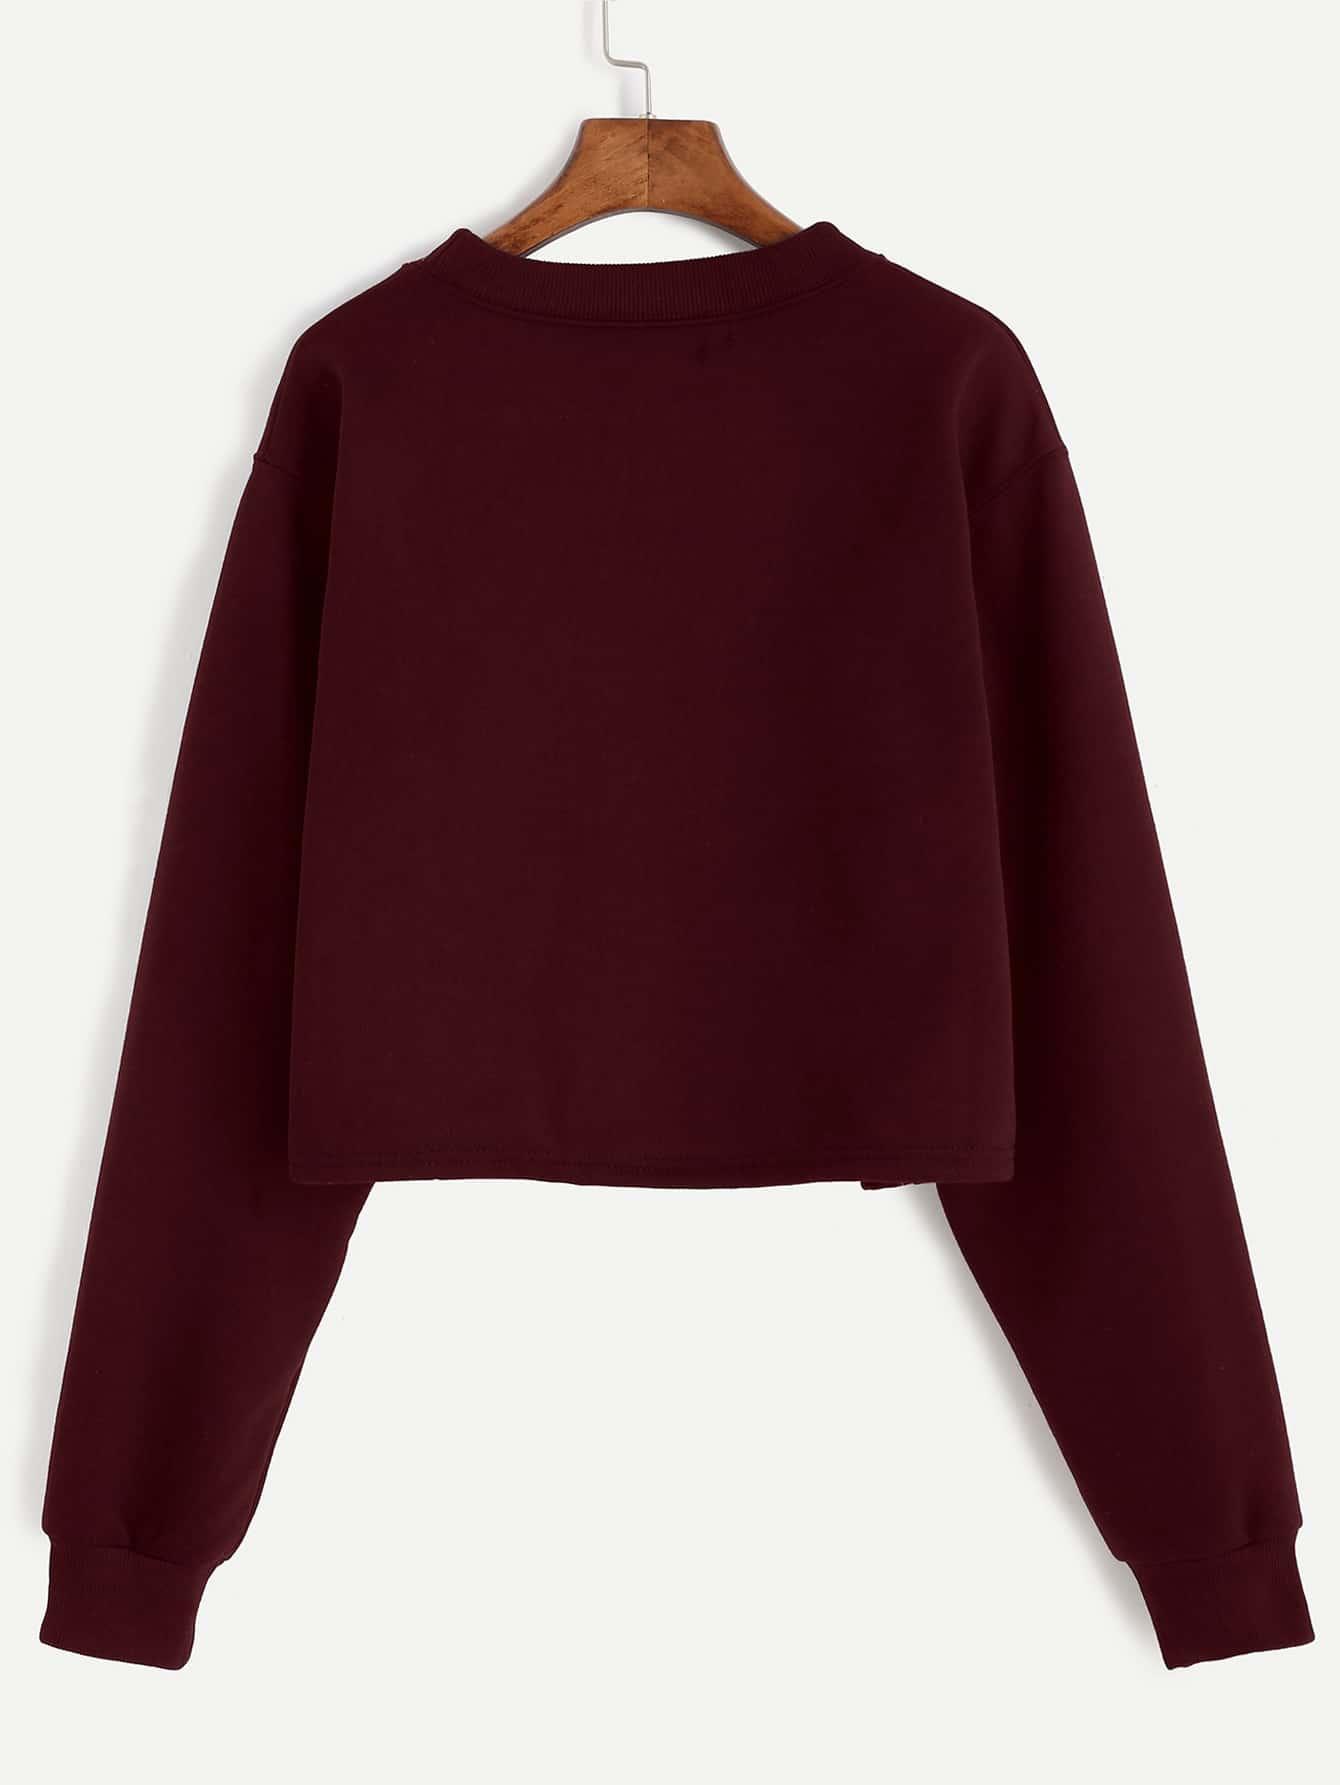 sweatshirt161014103_2